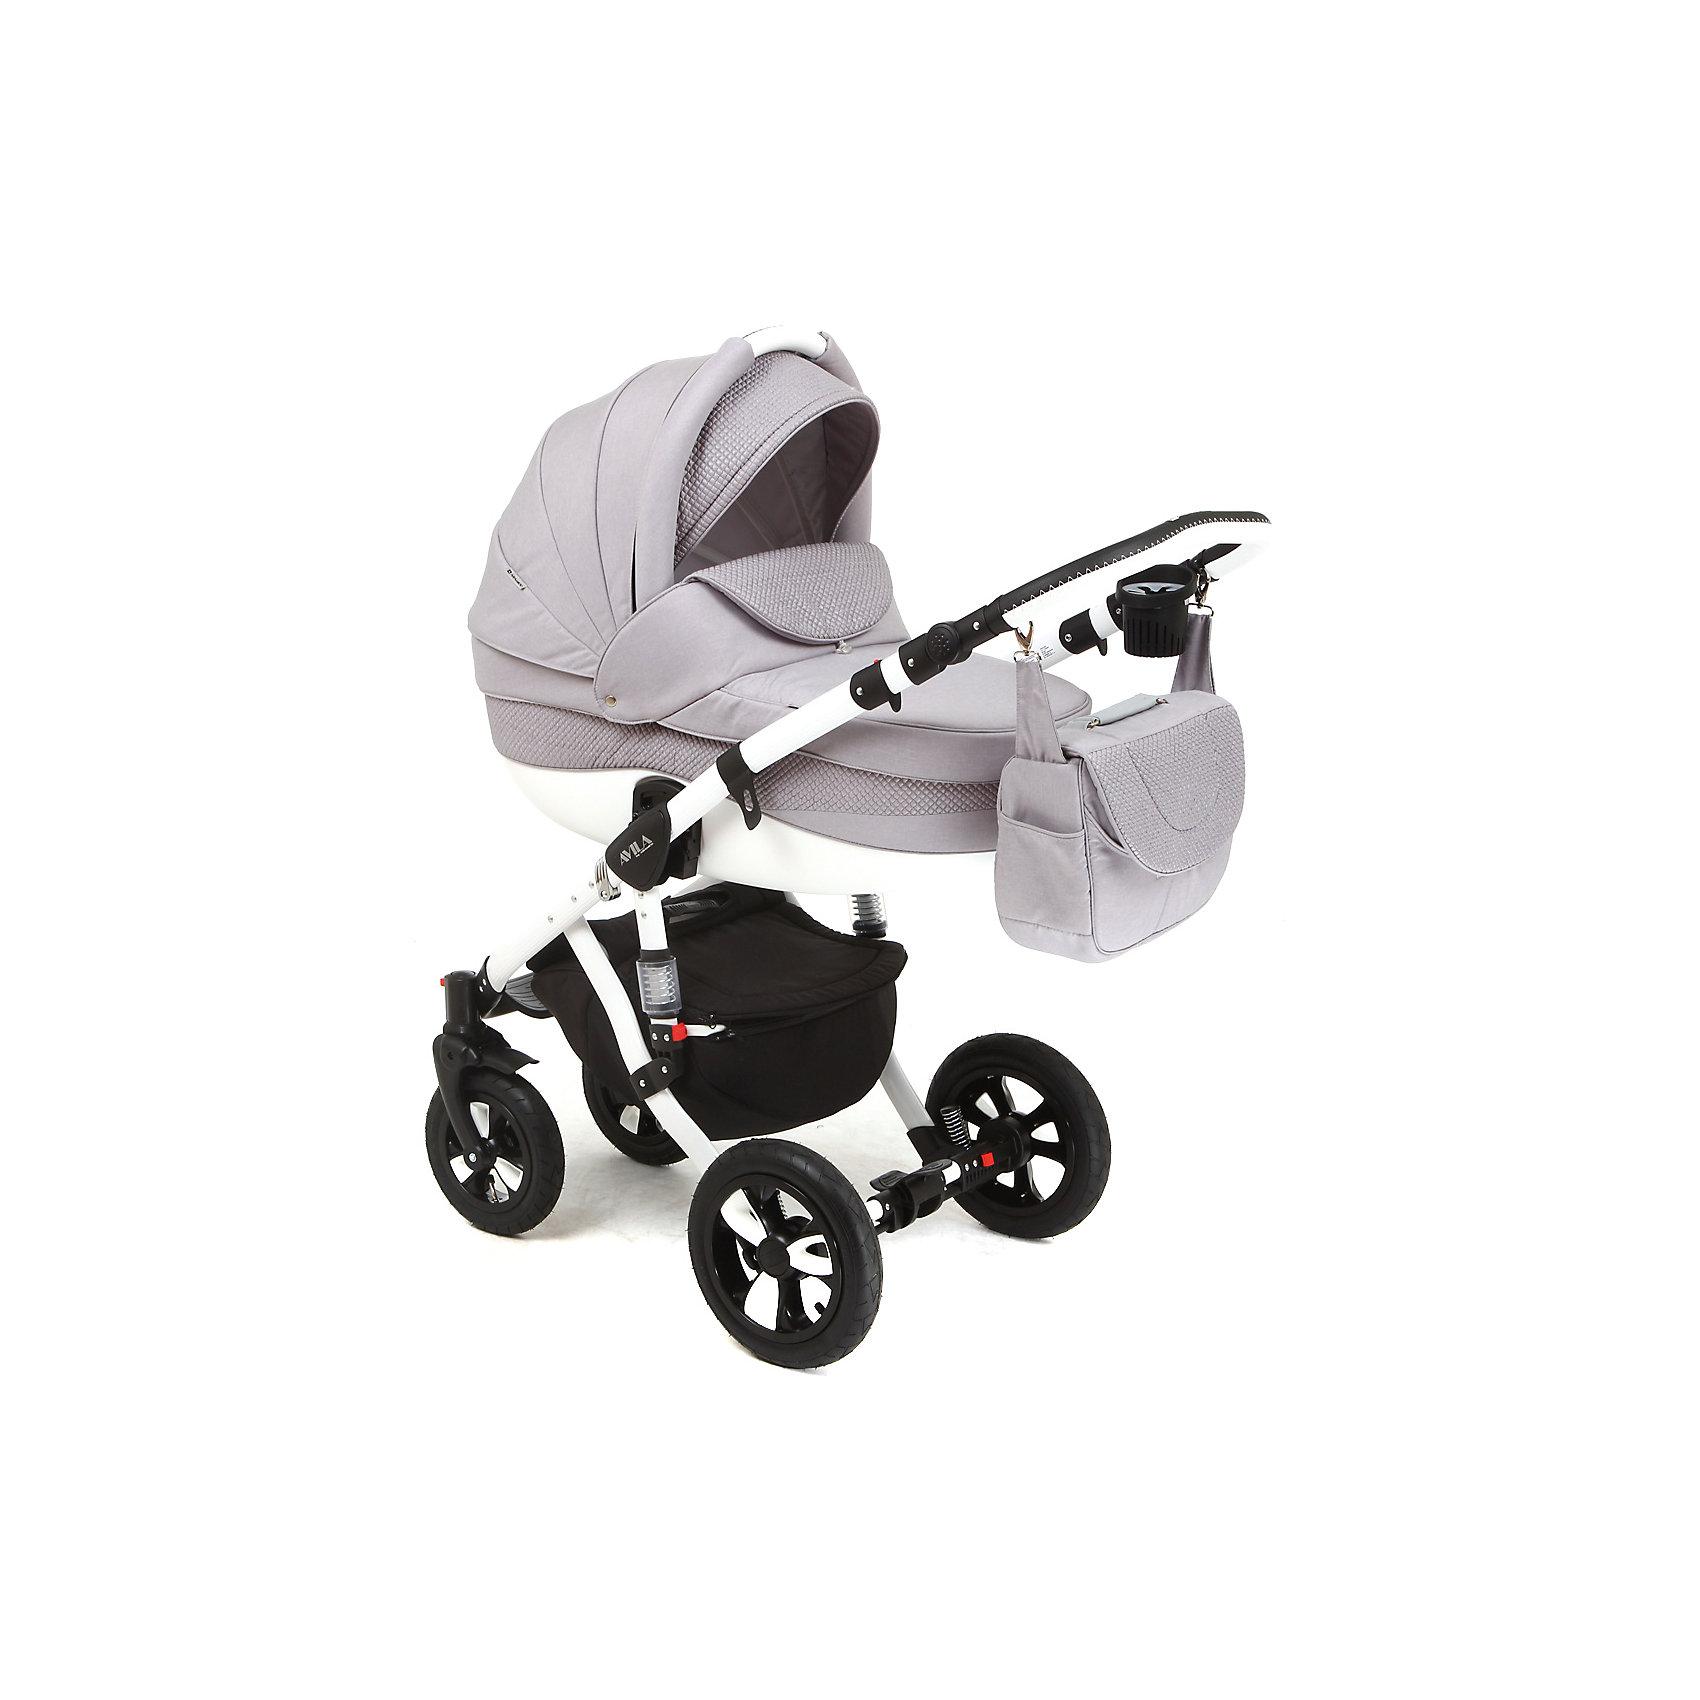 Коляска 2 в 1 AVILA, Adamex, серыйПрочная и удобная коляска позволит перевозить ребенка, не беспокоясь при этом о его безопасности. Приятный цвет коляски практичен и универсален. За счет двух больших надувных колес и амортизации коляска отлично будет ехать как по не ровной дороге, так и по снегу. Коляска легкая и прочная.<br>На коляске - колеса разного размера, поэтому конструкция - очень устойчивая. Модель дополнена 5-точечными ремнями безопасности. Изделие произведено из качественных и безопасных для малышей материалов, оно соответствуют всем современным требованиям безопасности.<br><br>Дополнительная информация:<br><br>цвет: серый;<br>материал: металл, пластик, текстиль;<br>тип сложения: книжка;<br>вес коляски: 14,2 кг;<br>материал колес: резина;<br>амортизаторы;<br>регулировка подножки по высоте;<br>регулировка ручки по высоте;<br>пятиточечные ремни безопасности;<br>возможность снять и постирать покрытие;<br>надувные колеса;<br>размер коляски: 109х128х59 см;<br>в сложенном виде: 97х38х61 см;<br>съемный бампер.<br><br>Комплектация:<br>дождевик;<br>корзина для покупок;<br>сумка для мамы;<br>москитная сетка. <br><br>Коляска 2 в 1 AVILA, серый от компании Adamex можно купить в нашем магазине.<br><br>Ширина мм: 970<br>Глубина мм: 600<br>Высота мм: 660<br>Вес г: 20400<br>Возраст от месяцев: 0<br>Возраст до месяцев: 36<br>Пол: Унисекс<br>Возраст: Детский<br>SKU: 4778495